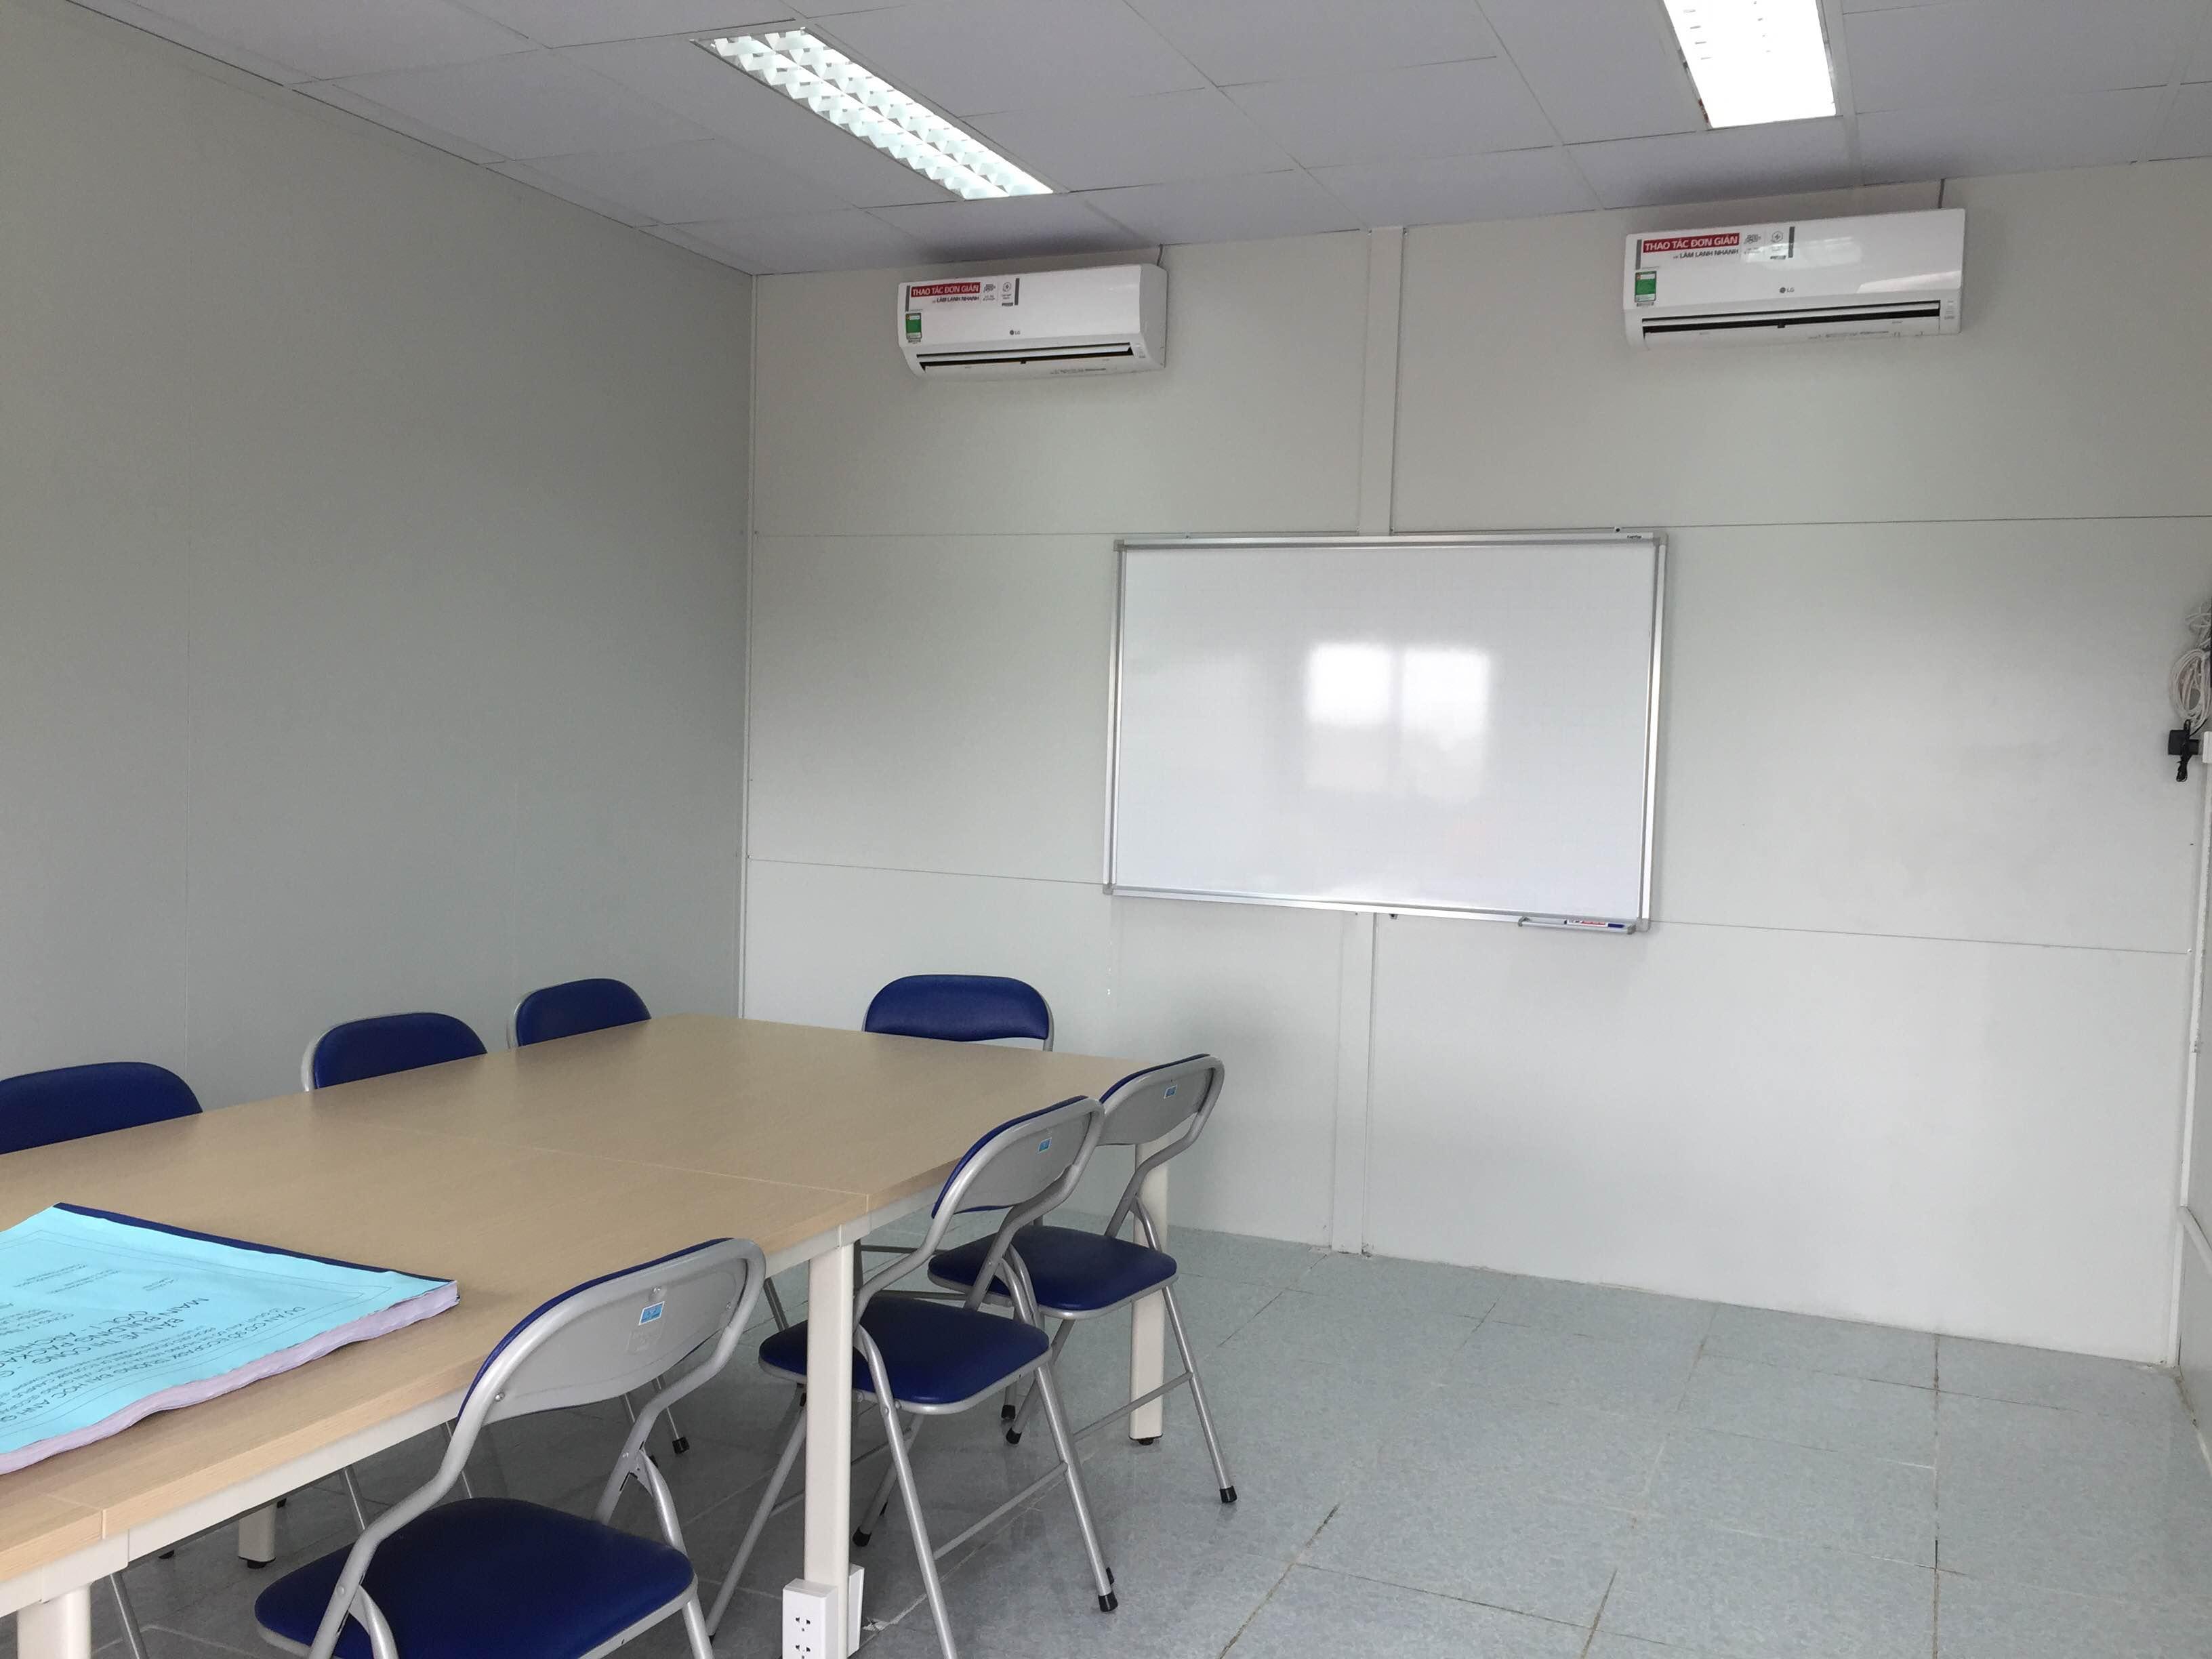 Nhà điều hành công trường Công ty Ecoba tại KĐT Ecopark – Hưng Yên